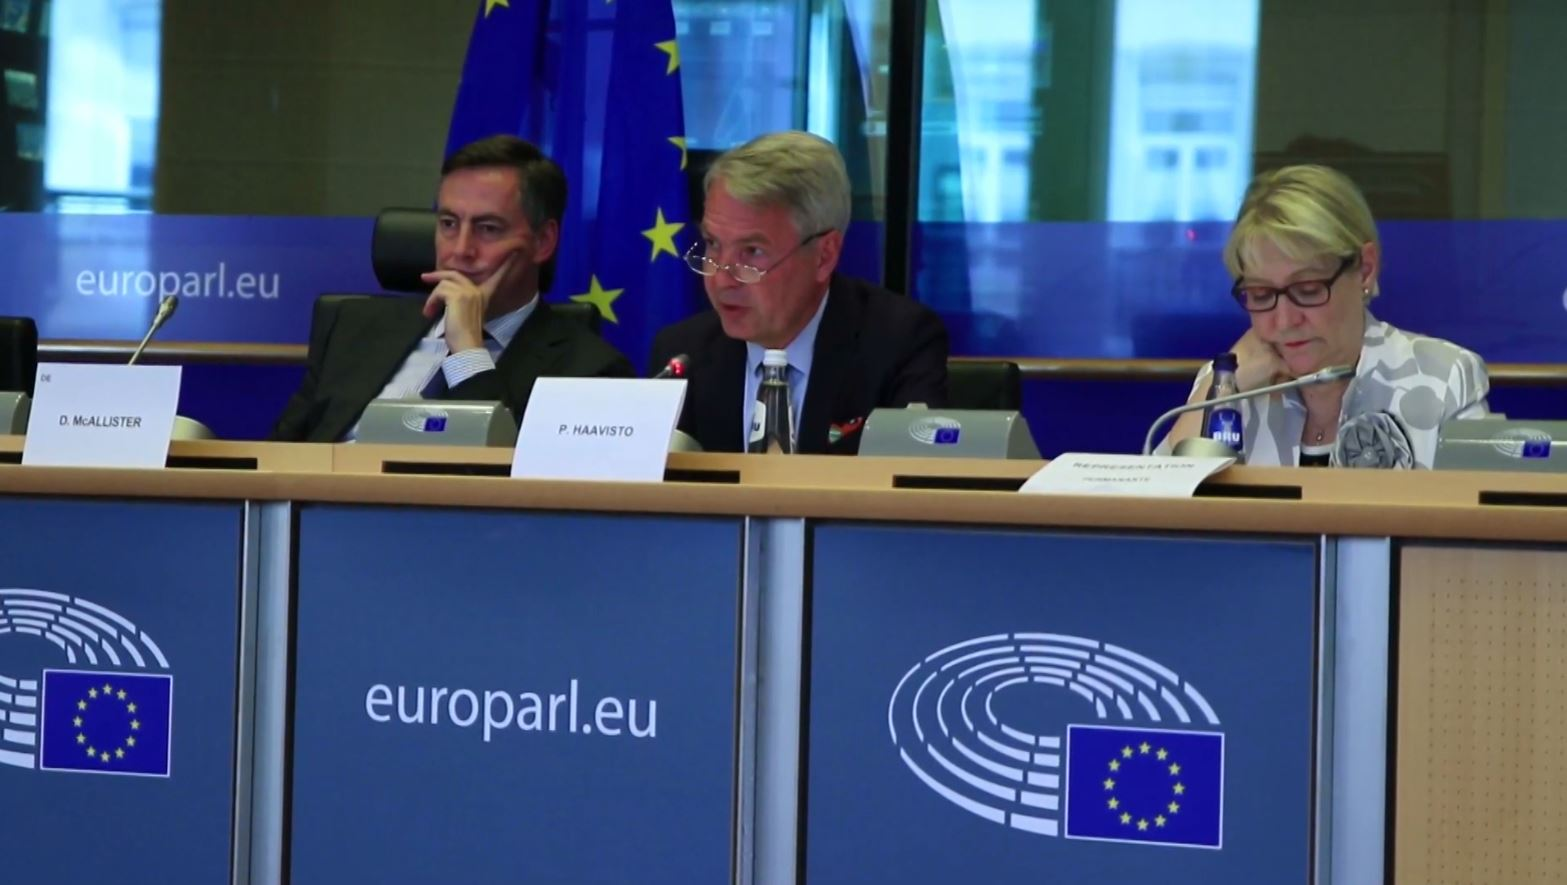 BE, presidentja finlandeze: Të hapen negociatat e anëtarësimit me Shqipërinë dhe Maqedoninë